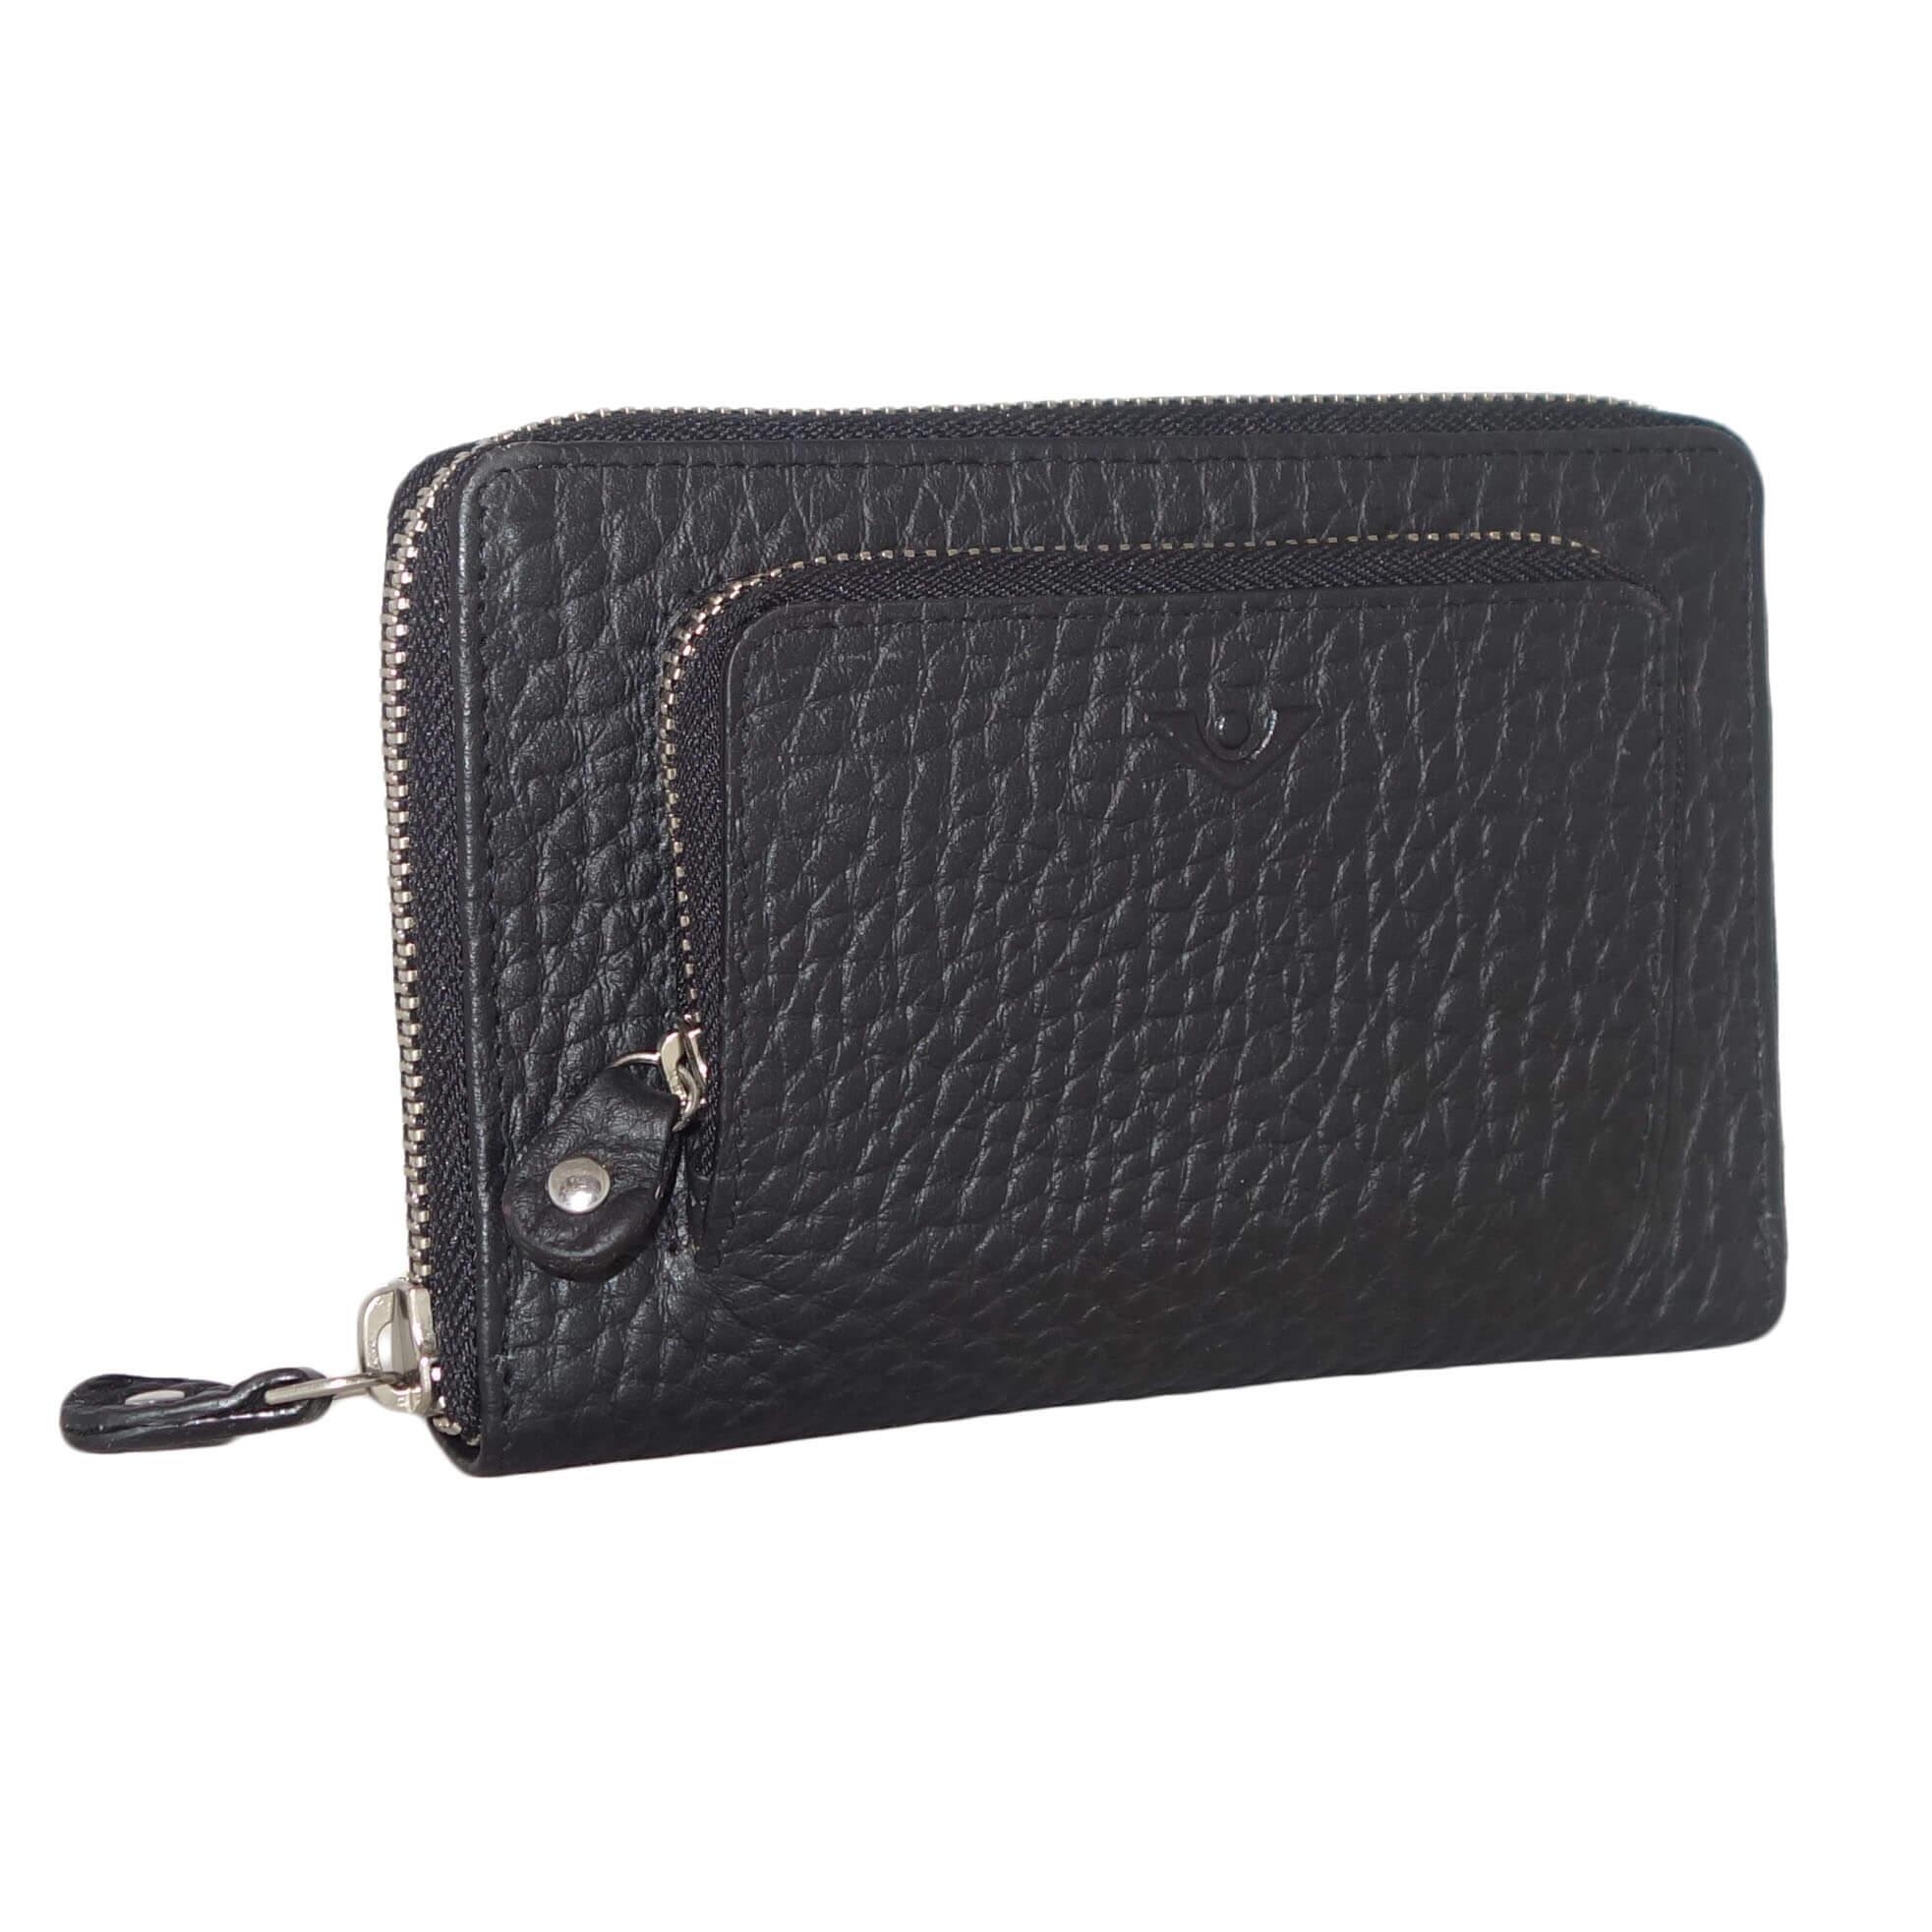 551cab048f6 Mooie ruime portemonnee met meerdere vakken van Voi. De Voi portemonnee  bezit over een middenvak voor pasjes en briefgeld, een zijvak voor extra  pasjes en ...